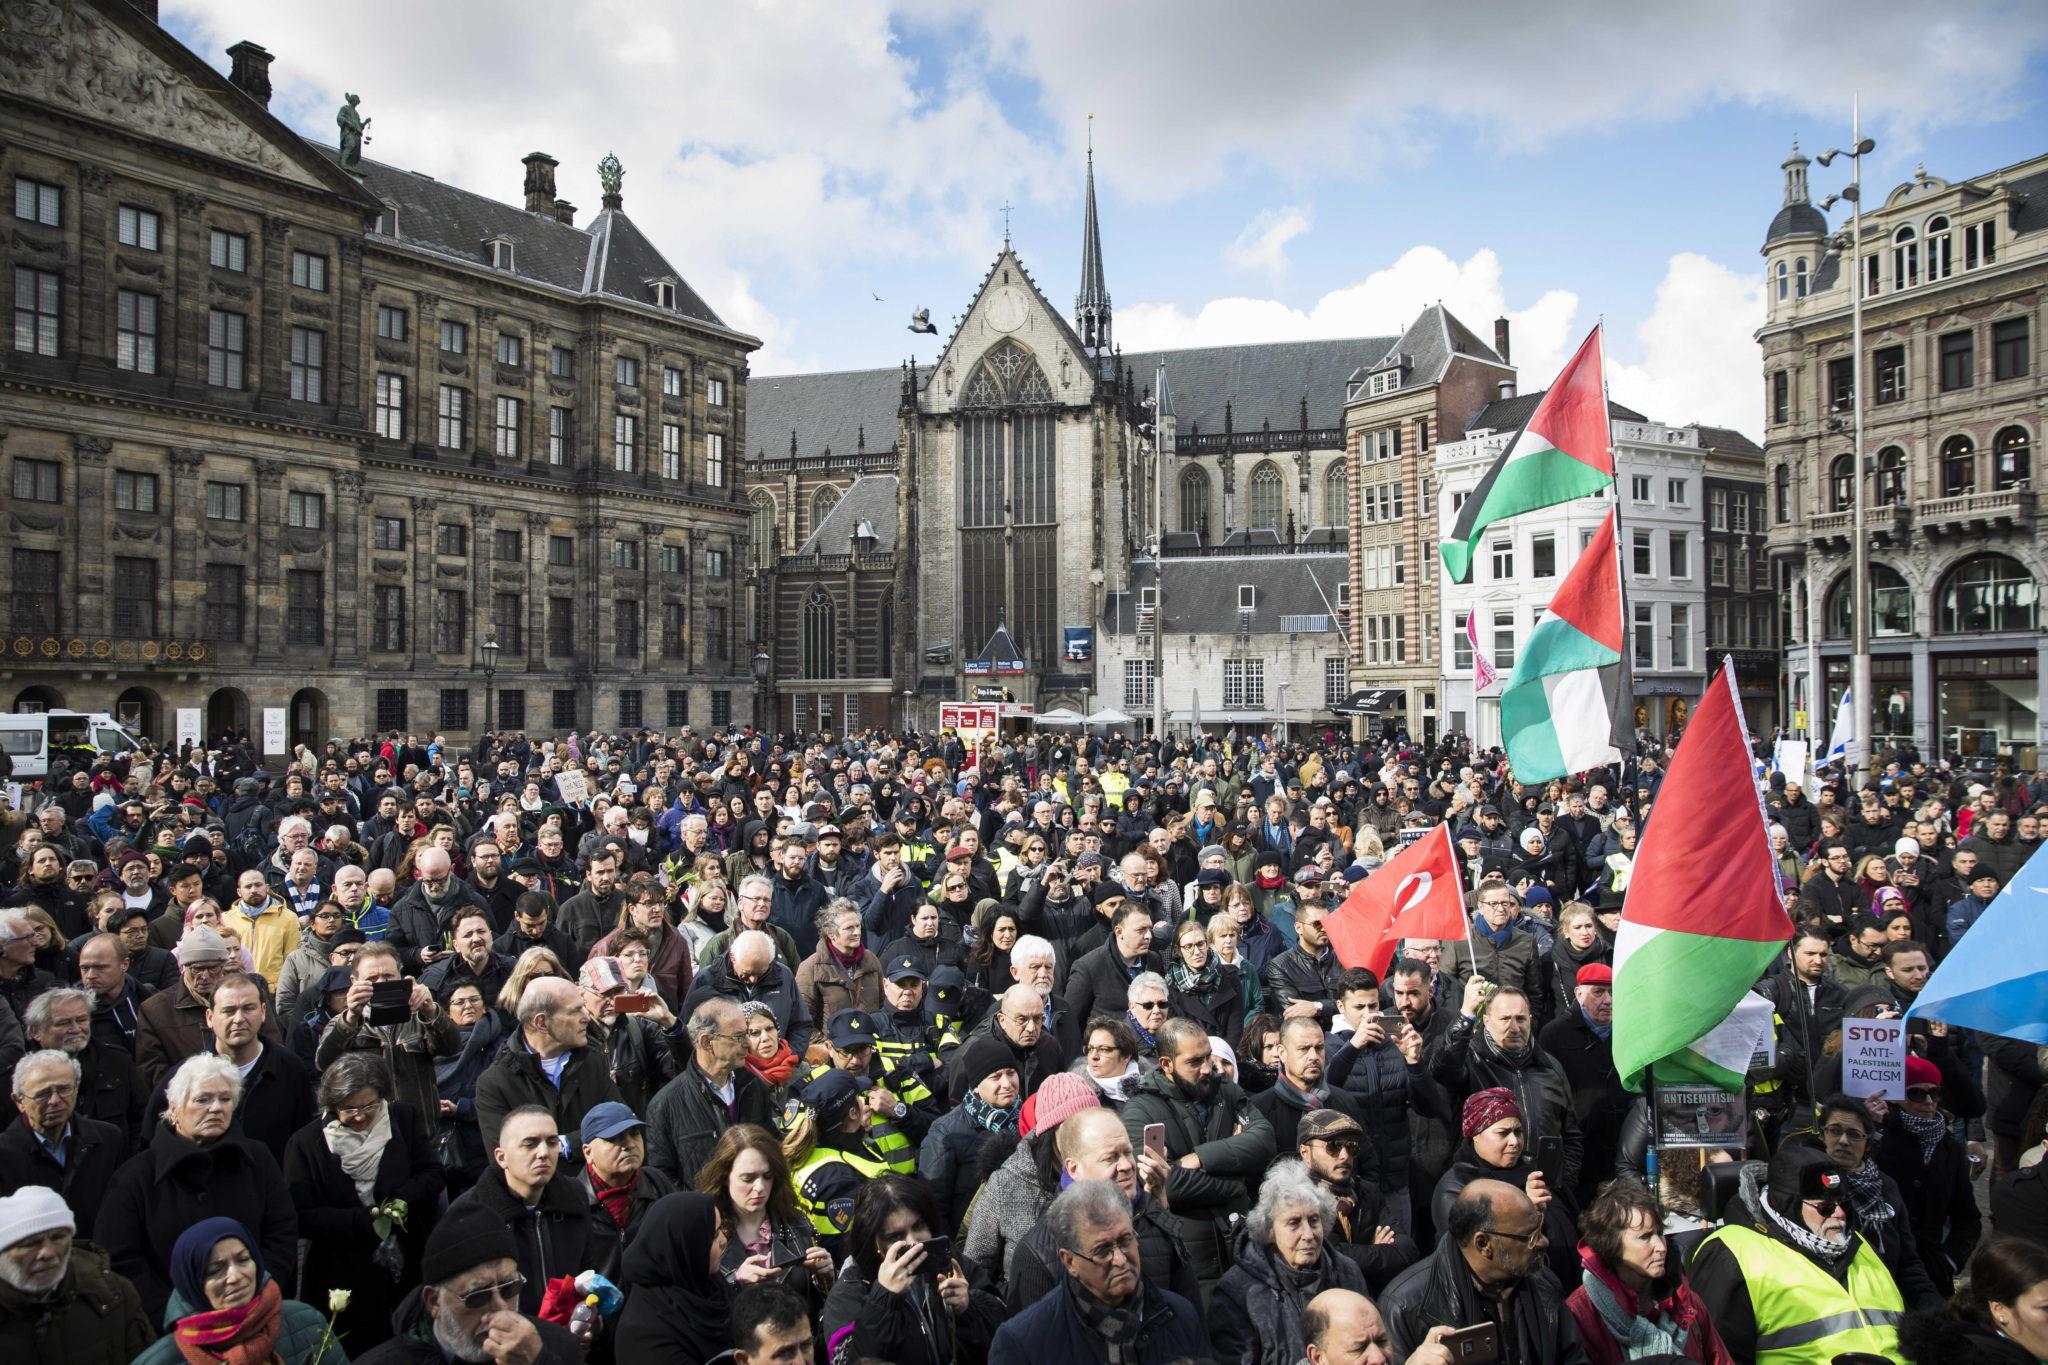 Holandia, Amsterdam: demonstracja przeciwko przemocy i terrroryzmowi, fot. Bart Maat, PAP/EPA